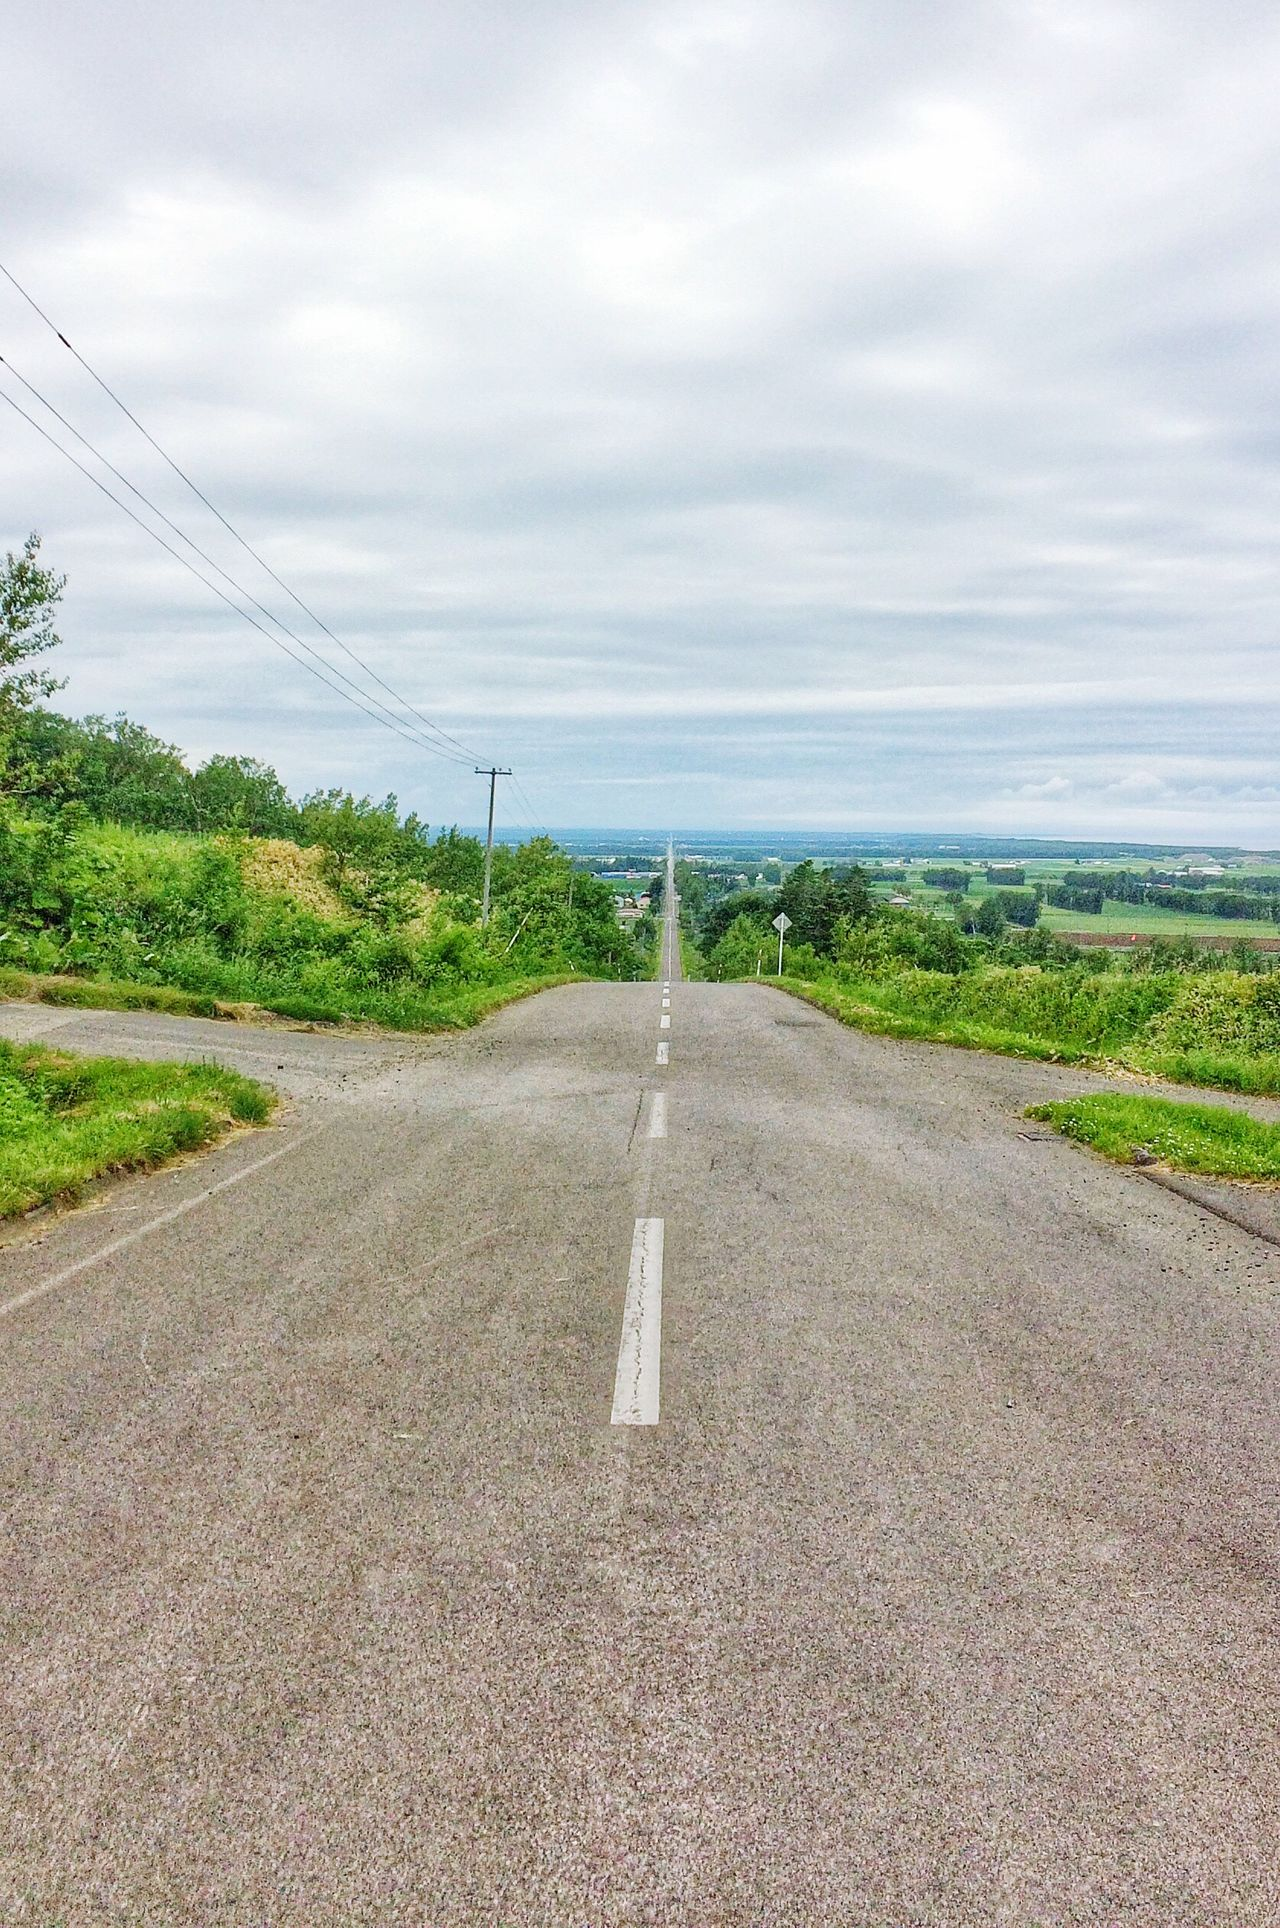 天へ続く道 Okhotsk Hokkaido Countryside Road